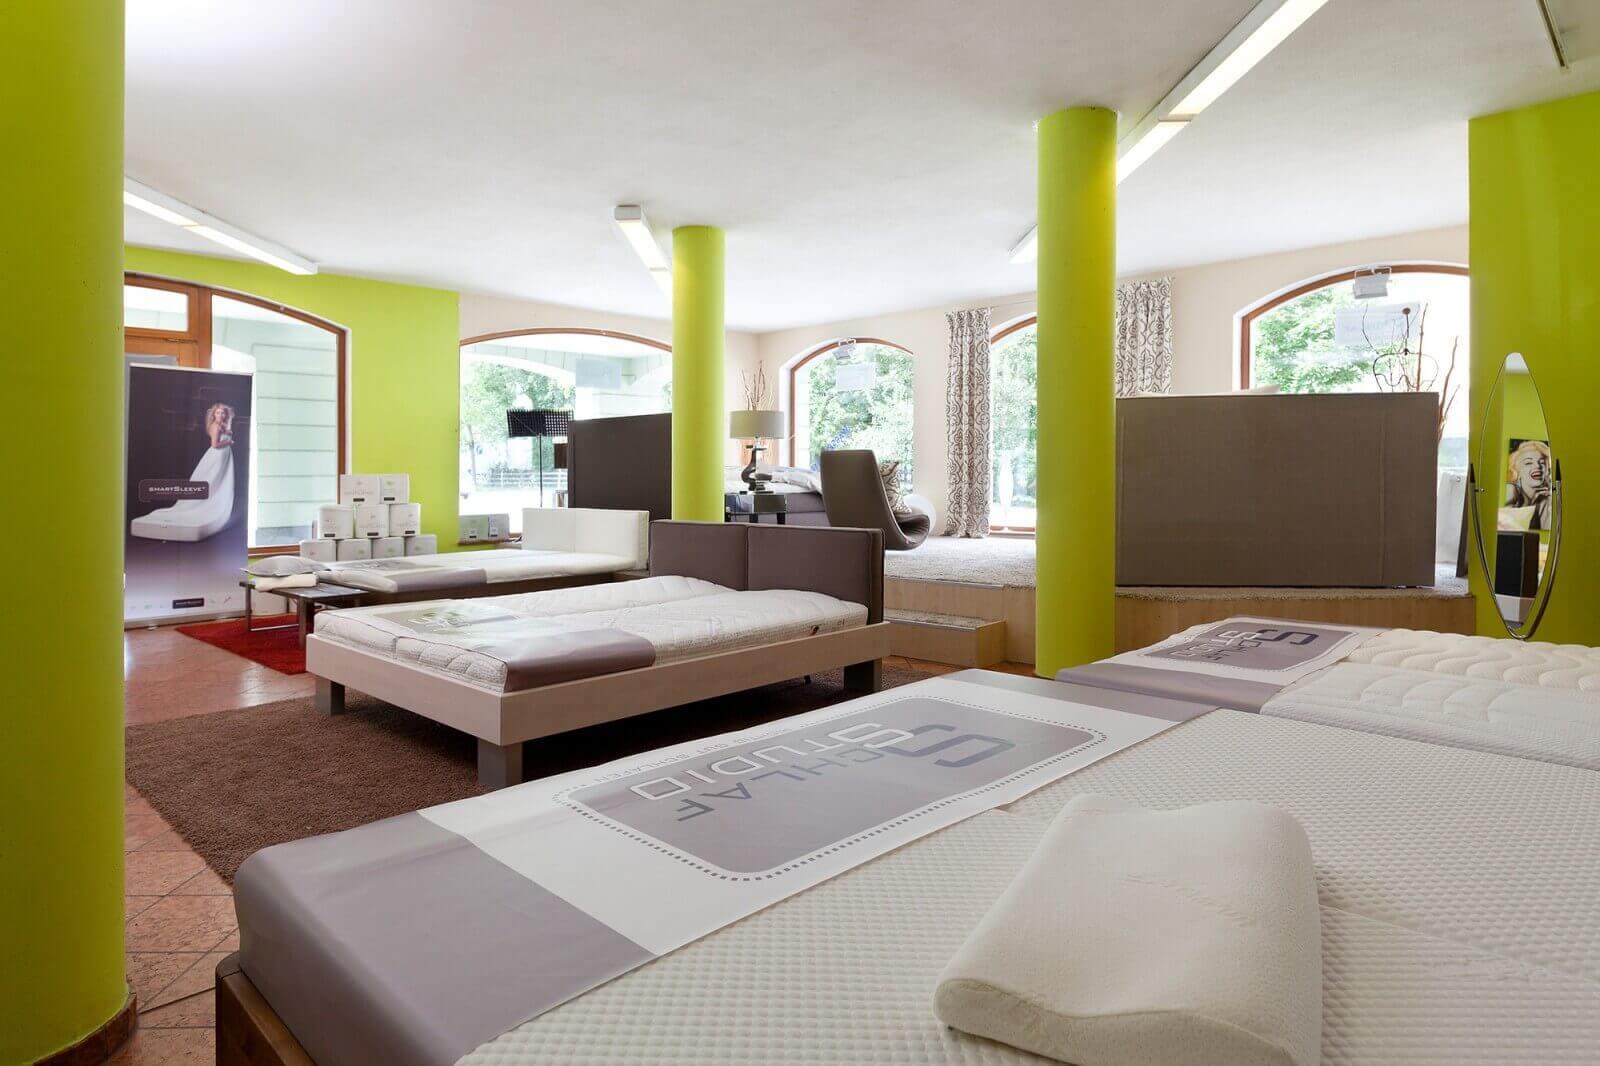 Full Size of Schlafstudio München Ber Uns Freising In Betten Sofa Wohnzimmer Schlafstudio München